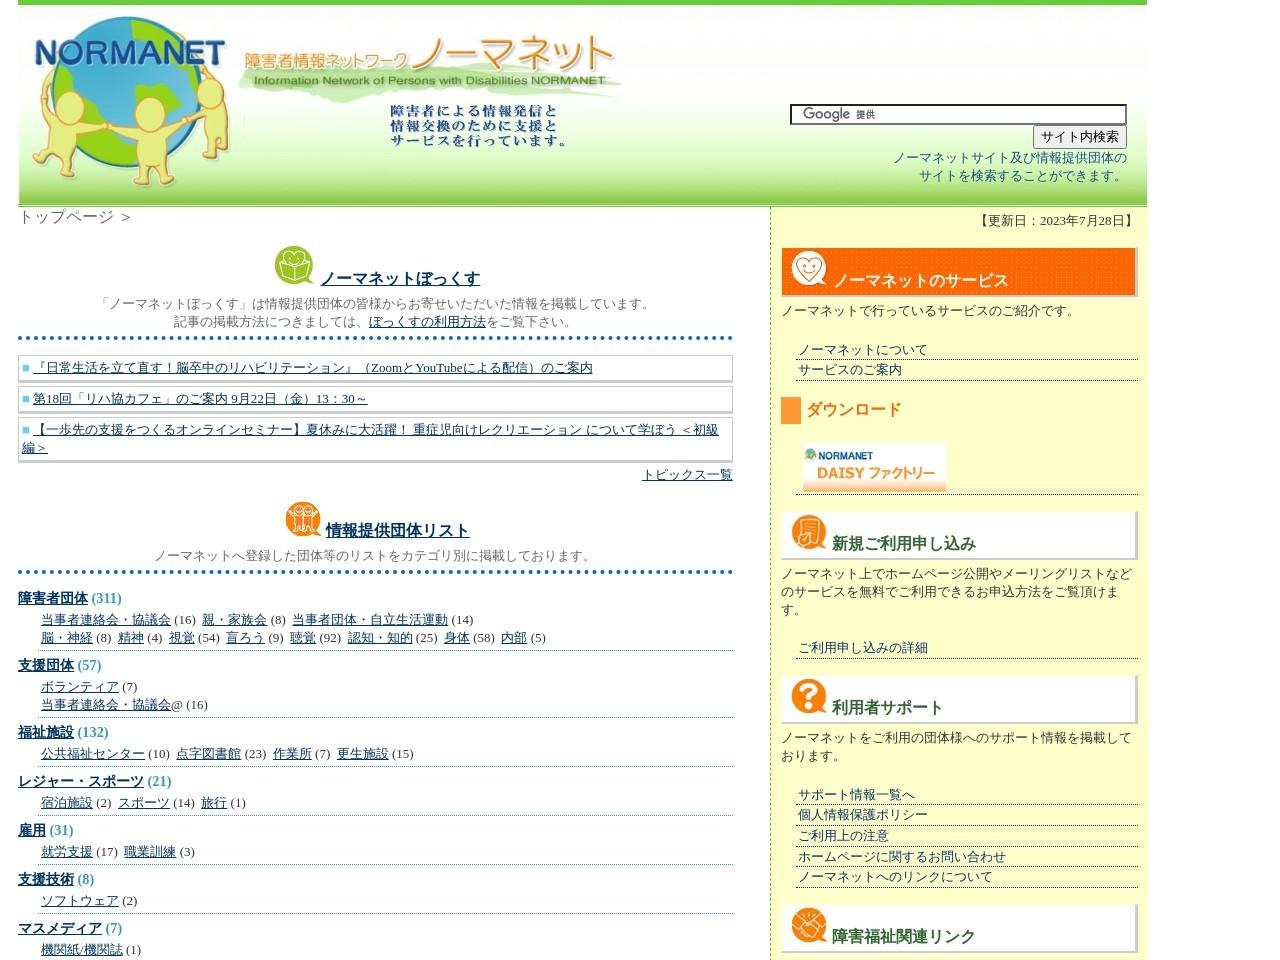 http://www.normanet.ne.jp/~h-plus/